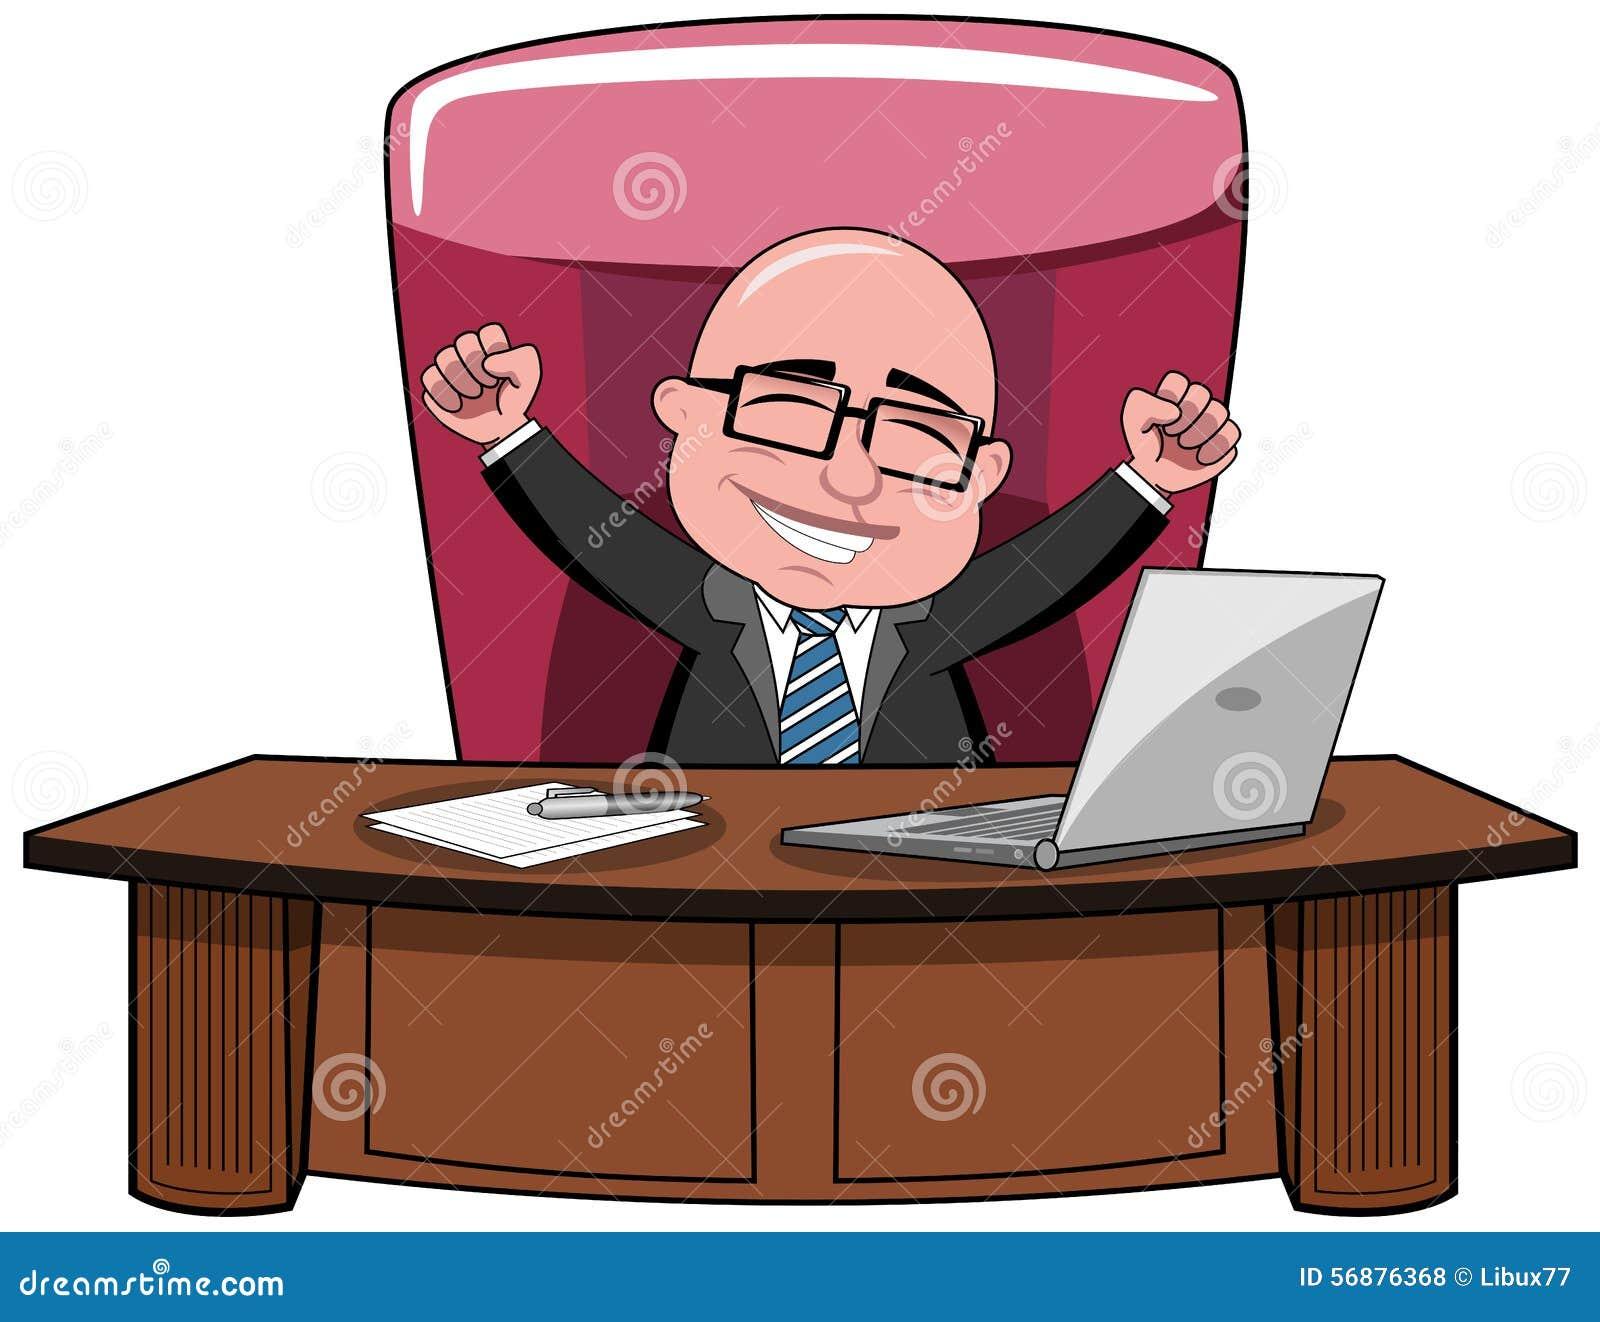 Businessman Bald Cartoon Success Boss Desk Stock Vector